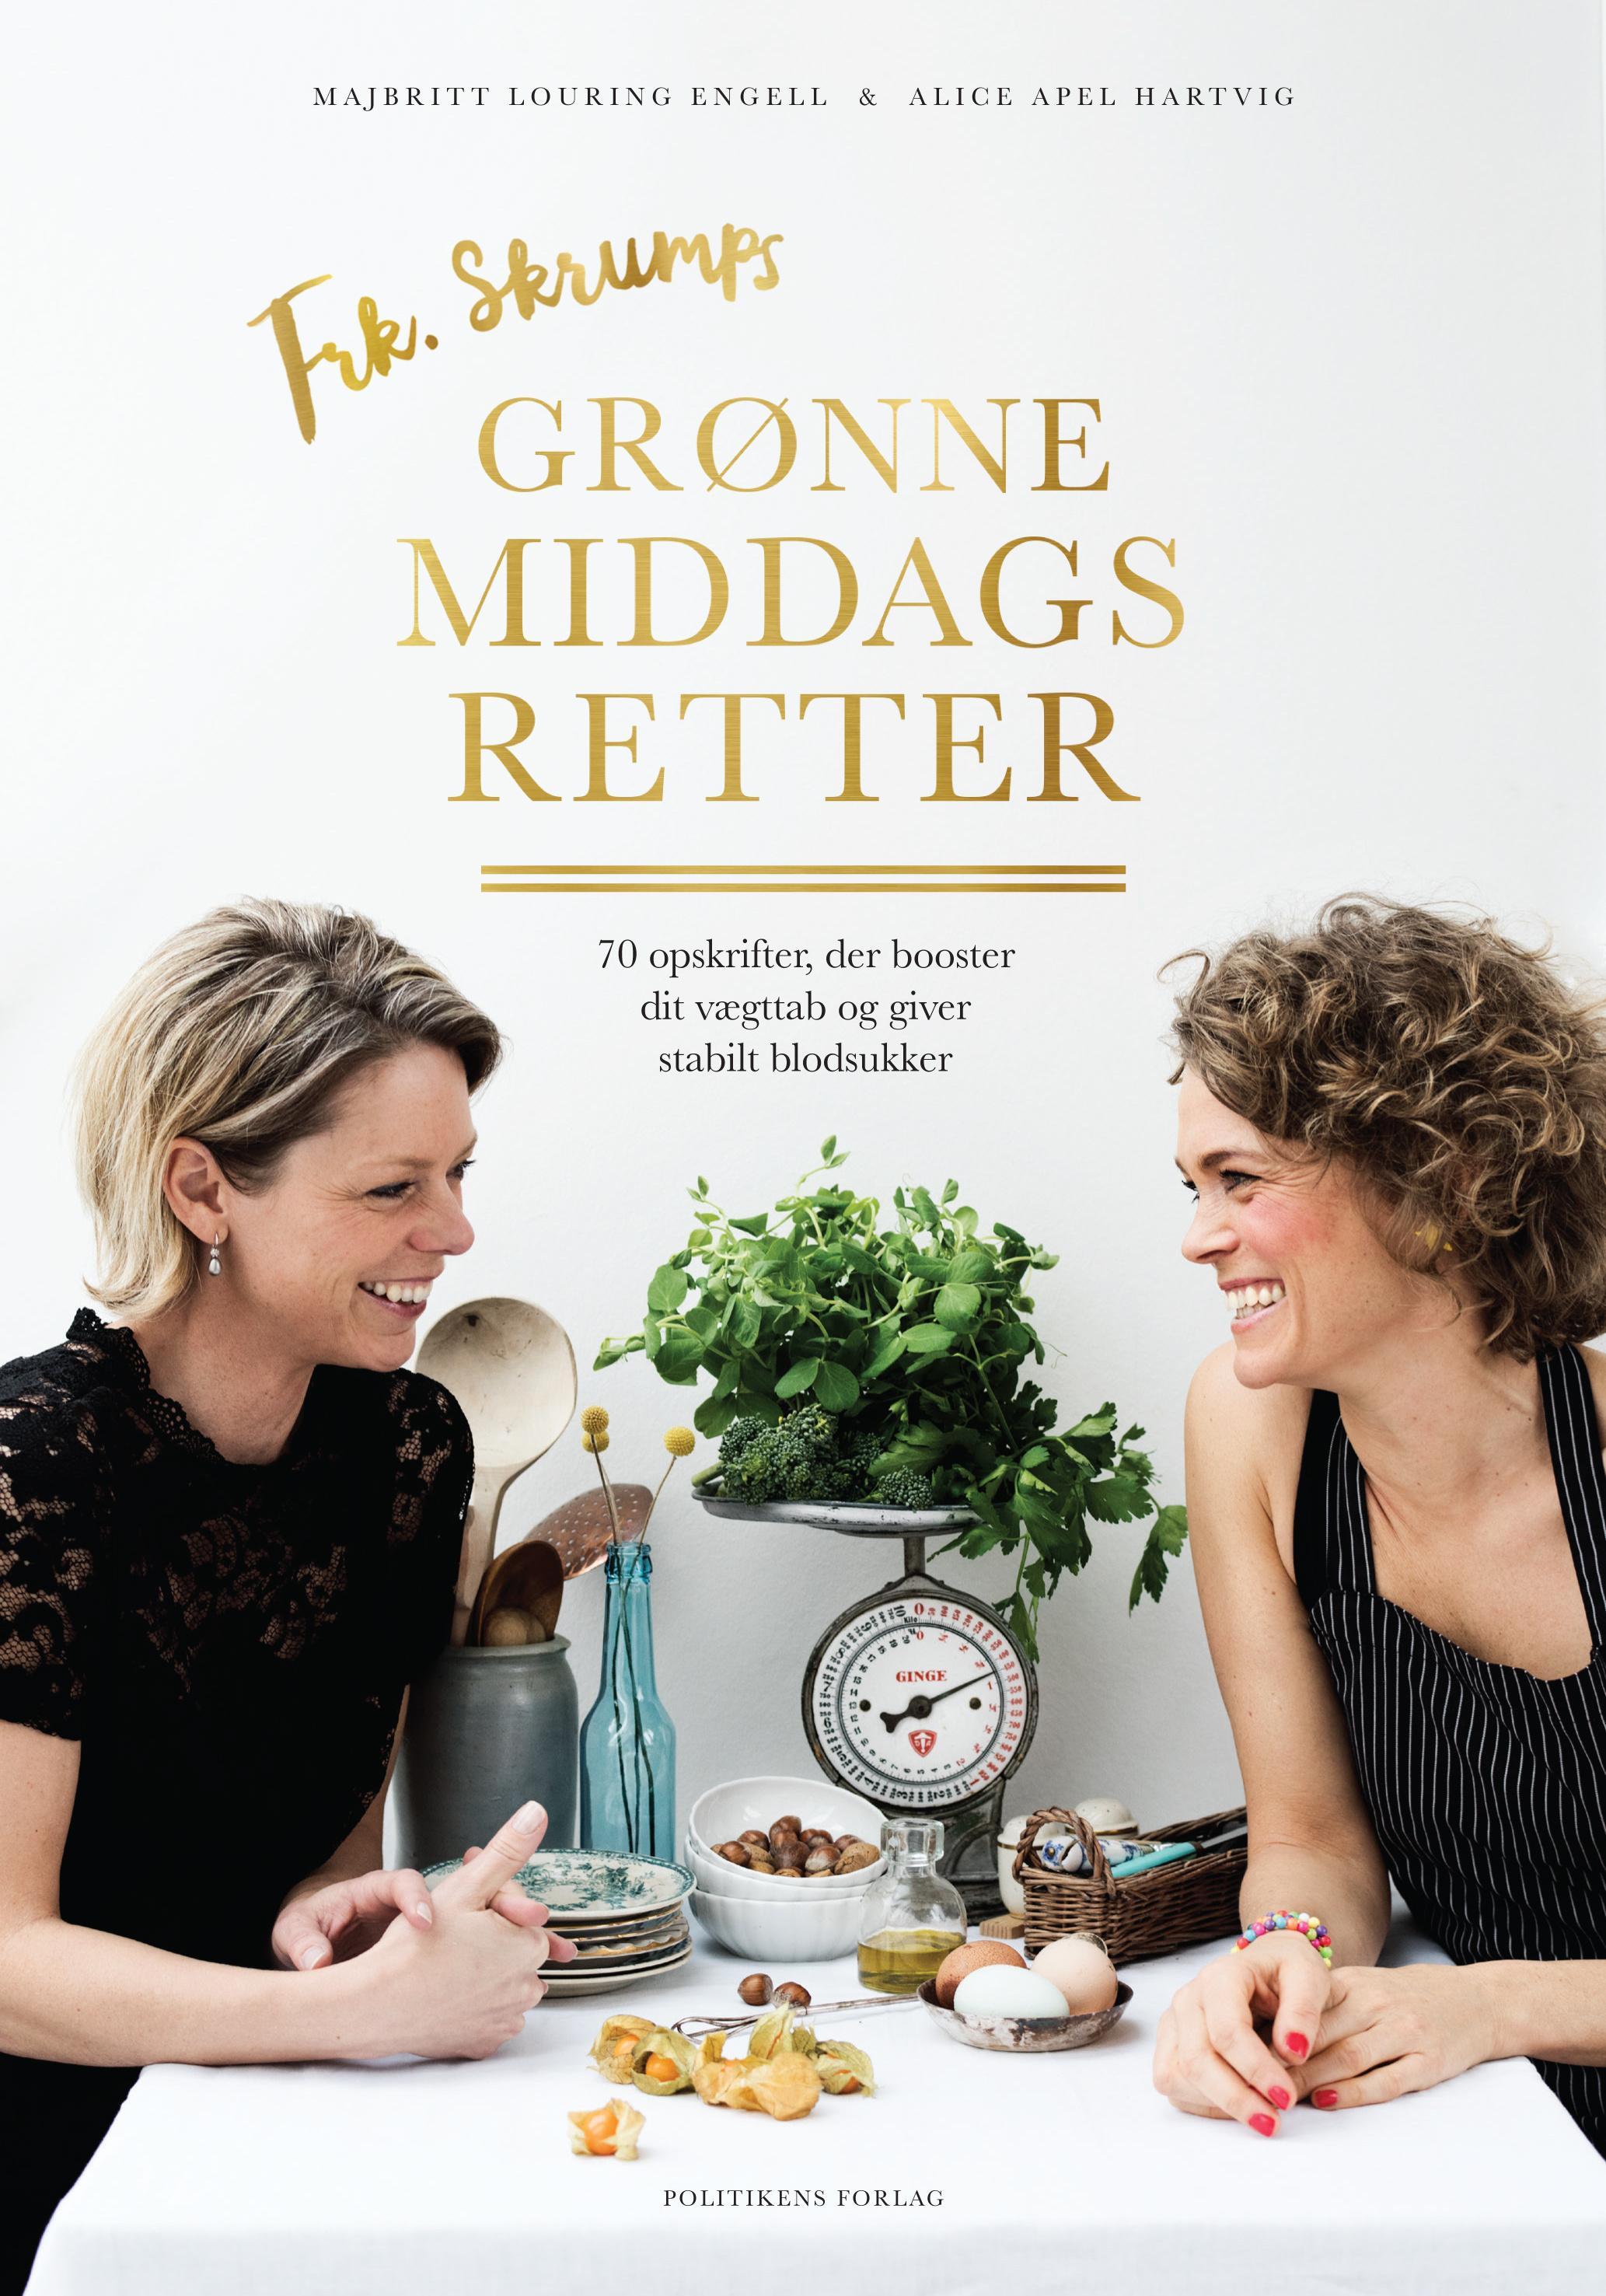 Frk. skrumps grønne middagsretter - e-bog fra N/A fra bog & mystik